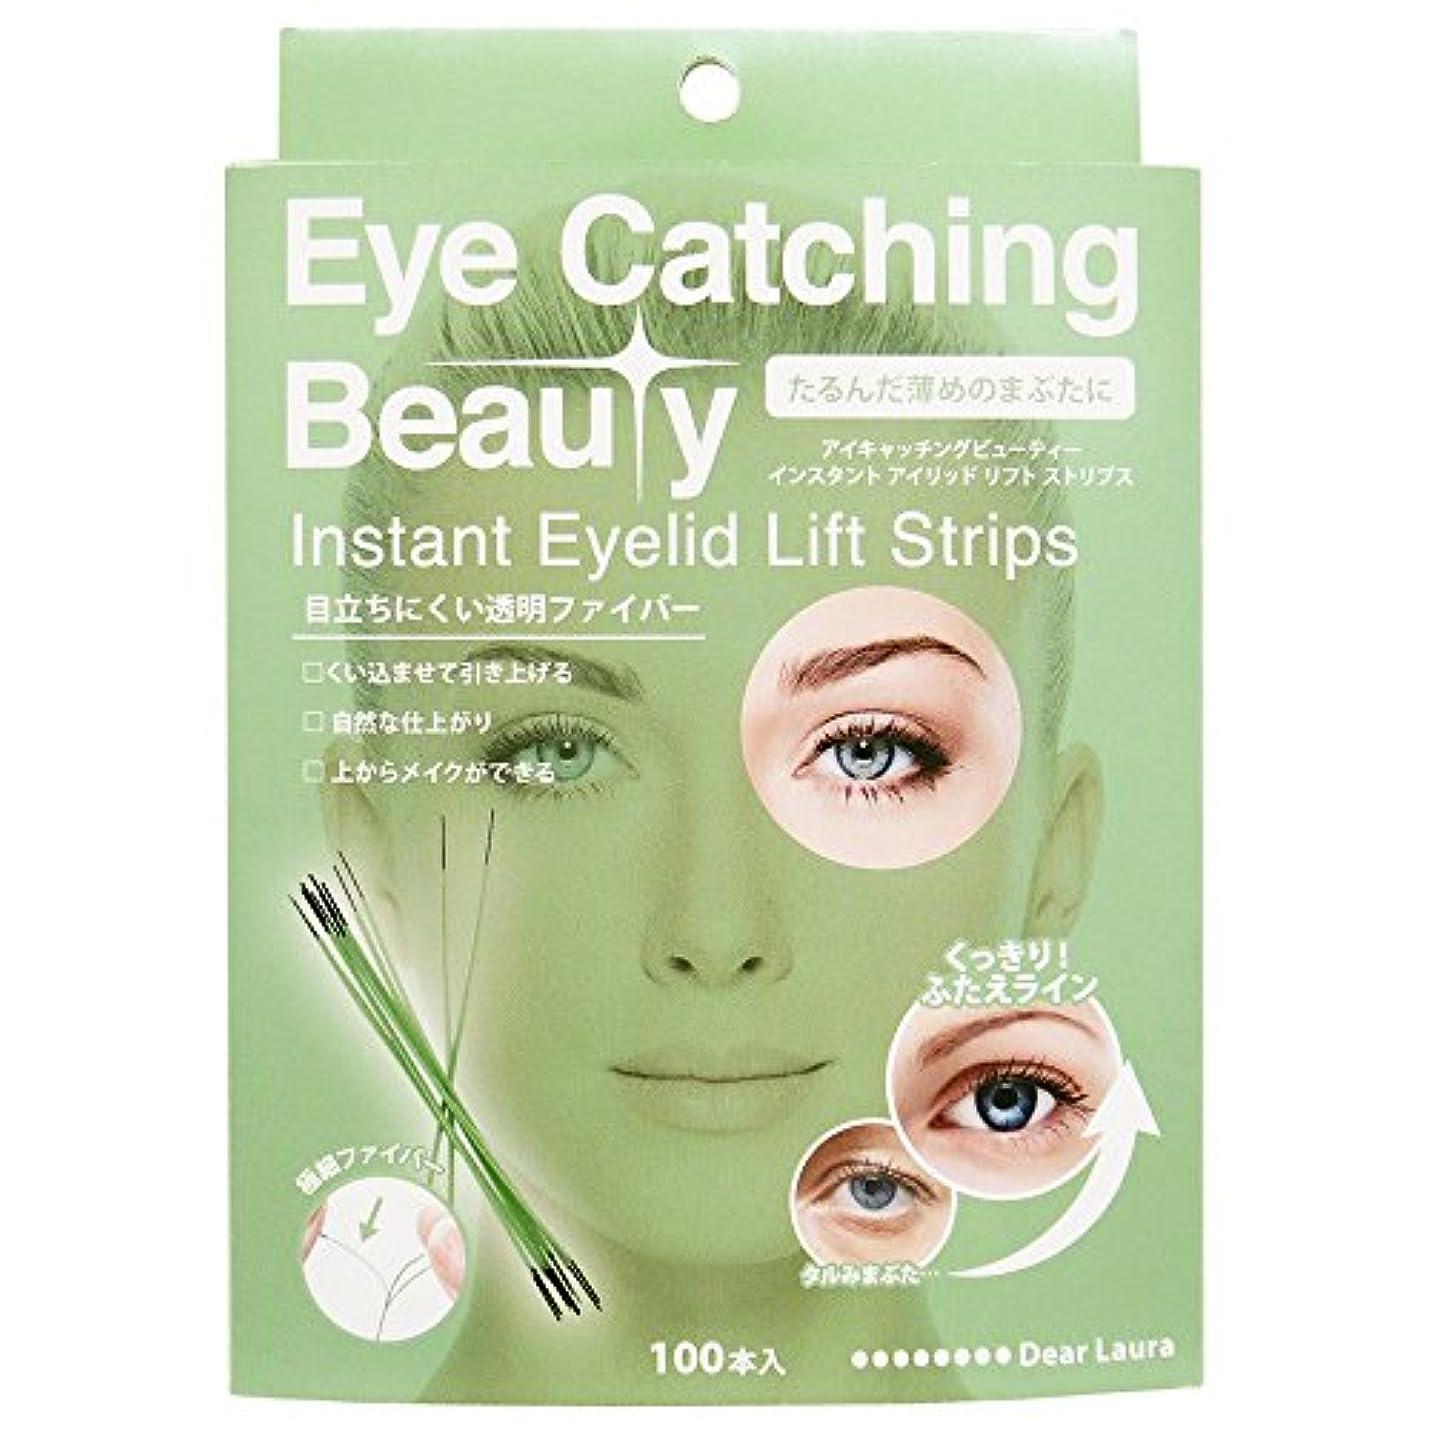 認証パーチナシティ少年アイキャッチングビューティー (Eye Catching Beauty) インスタント アイリッド リフト ストリップス ECB-J03 100本